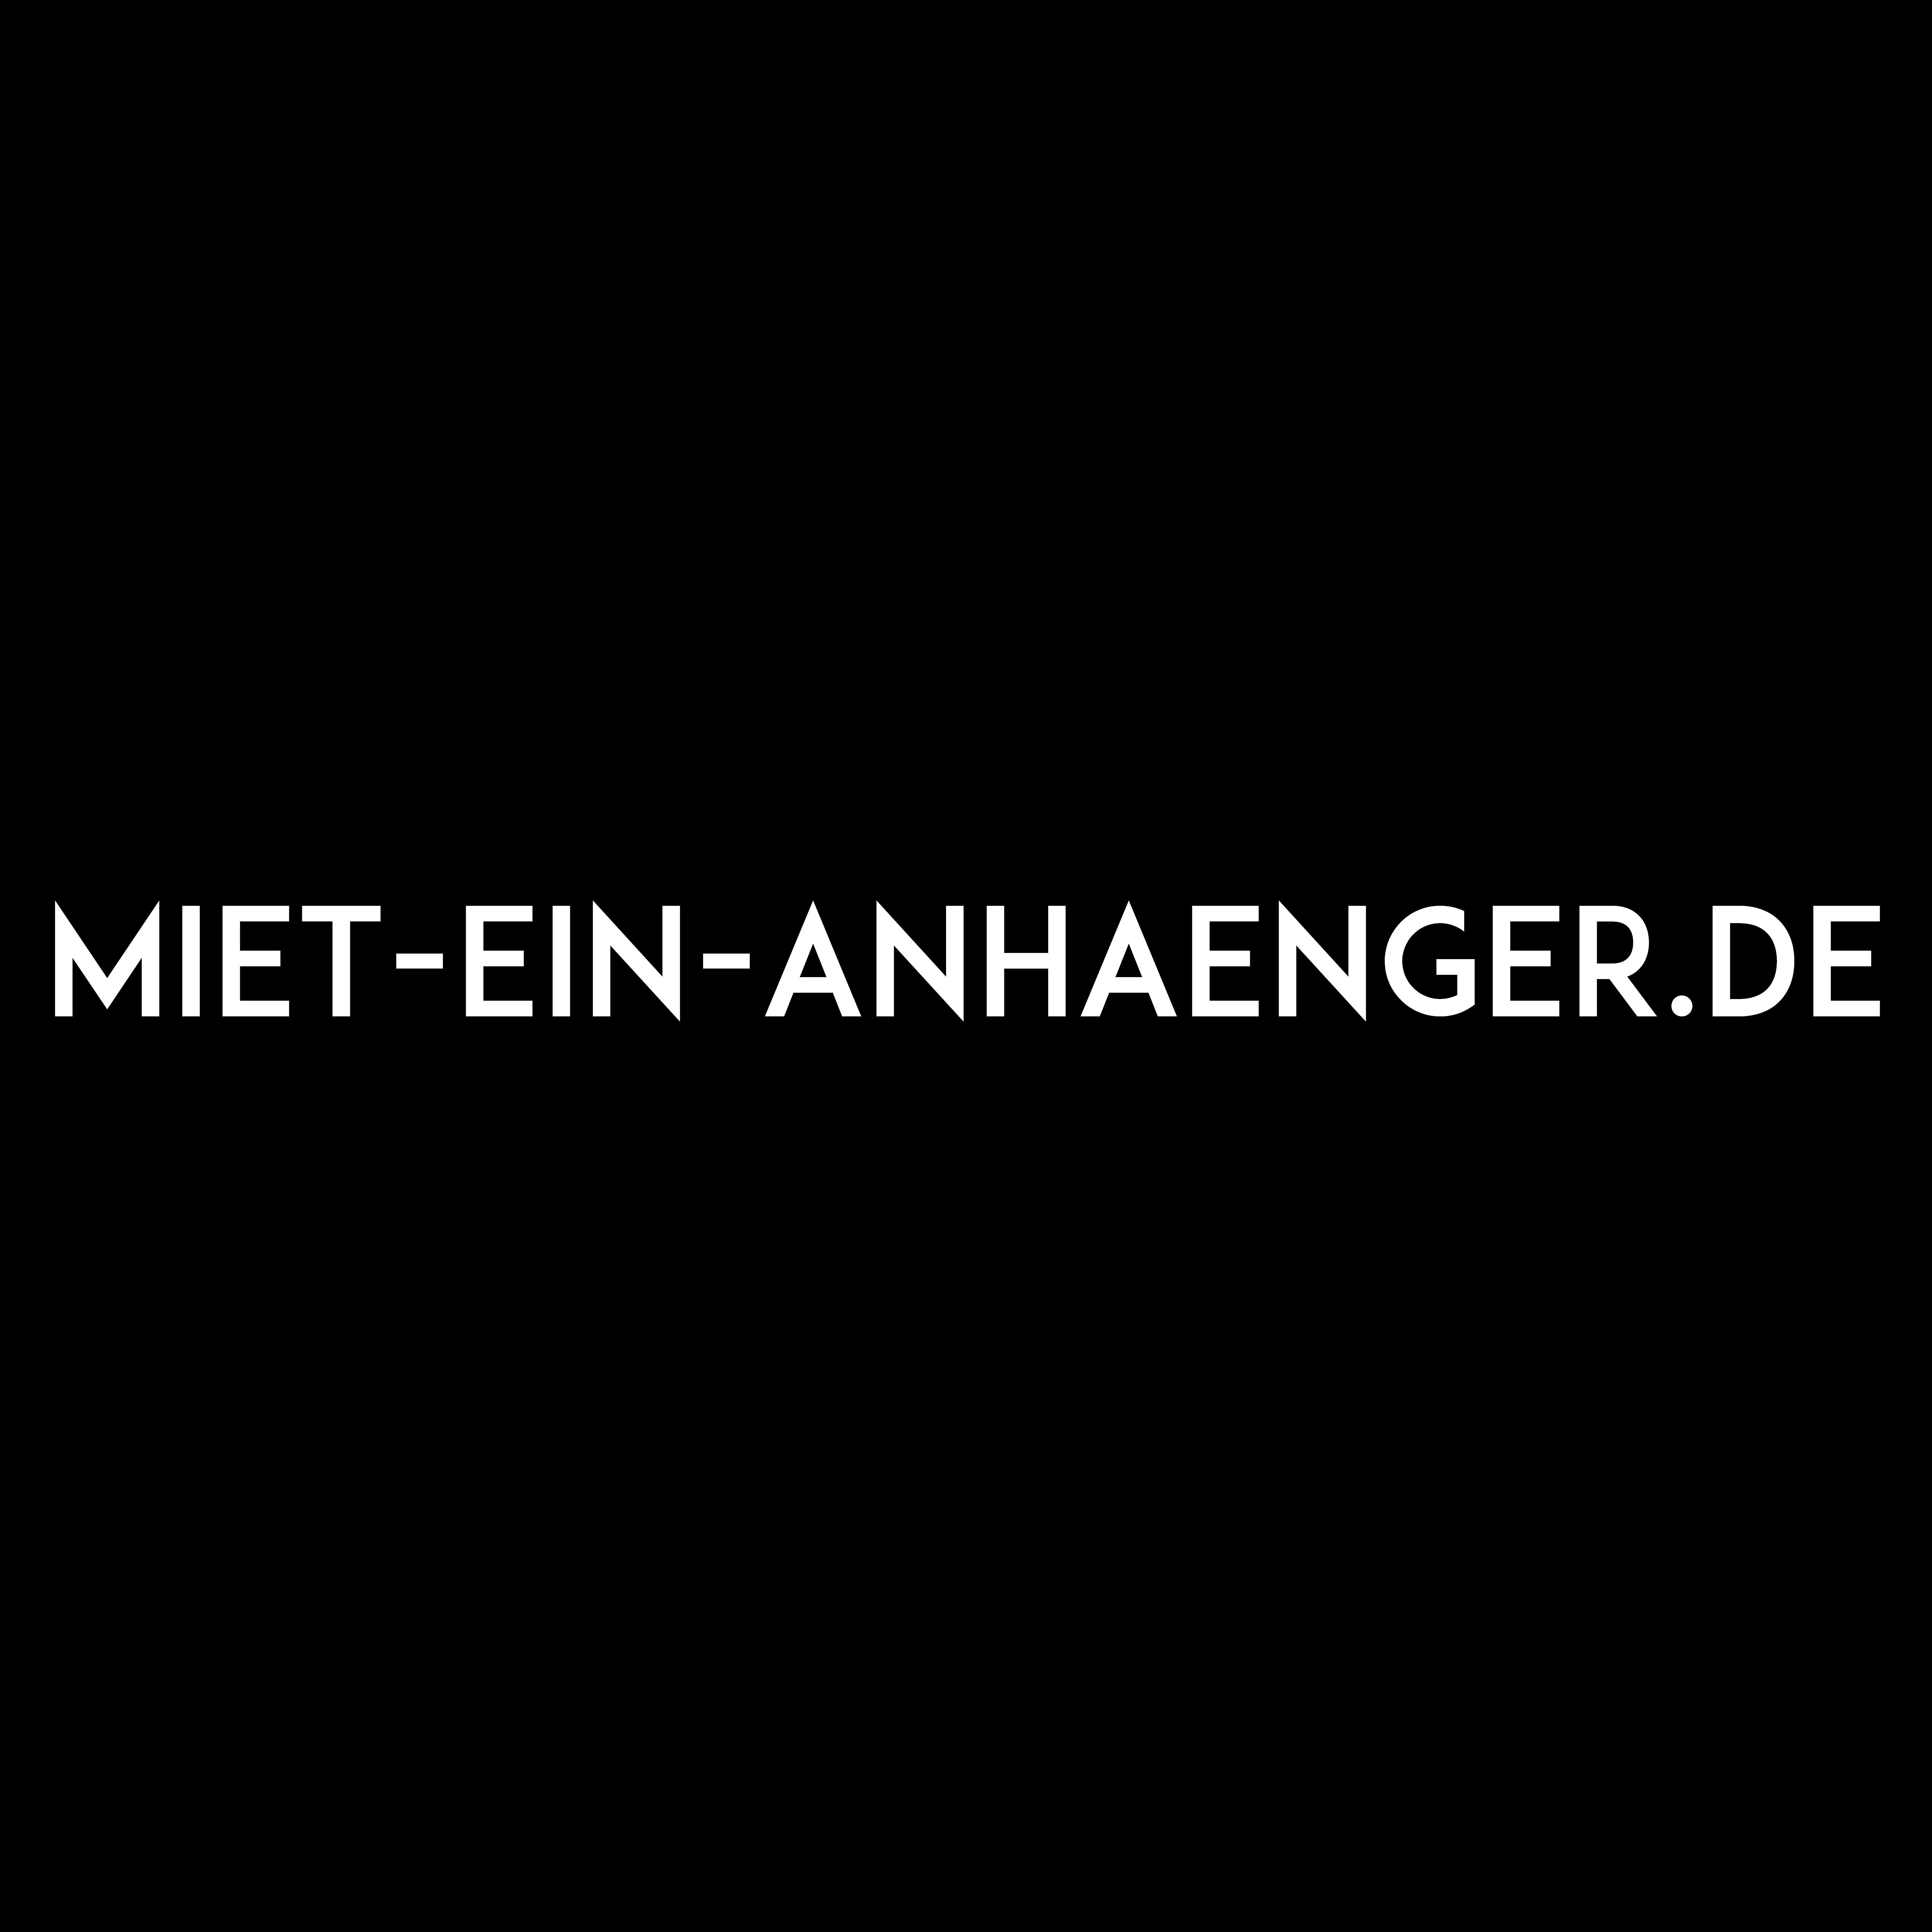 miet-ein-anhaenger.de